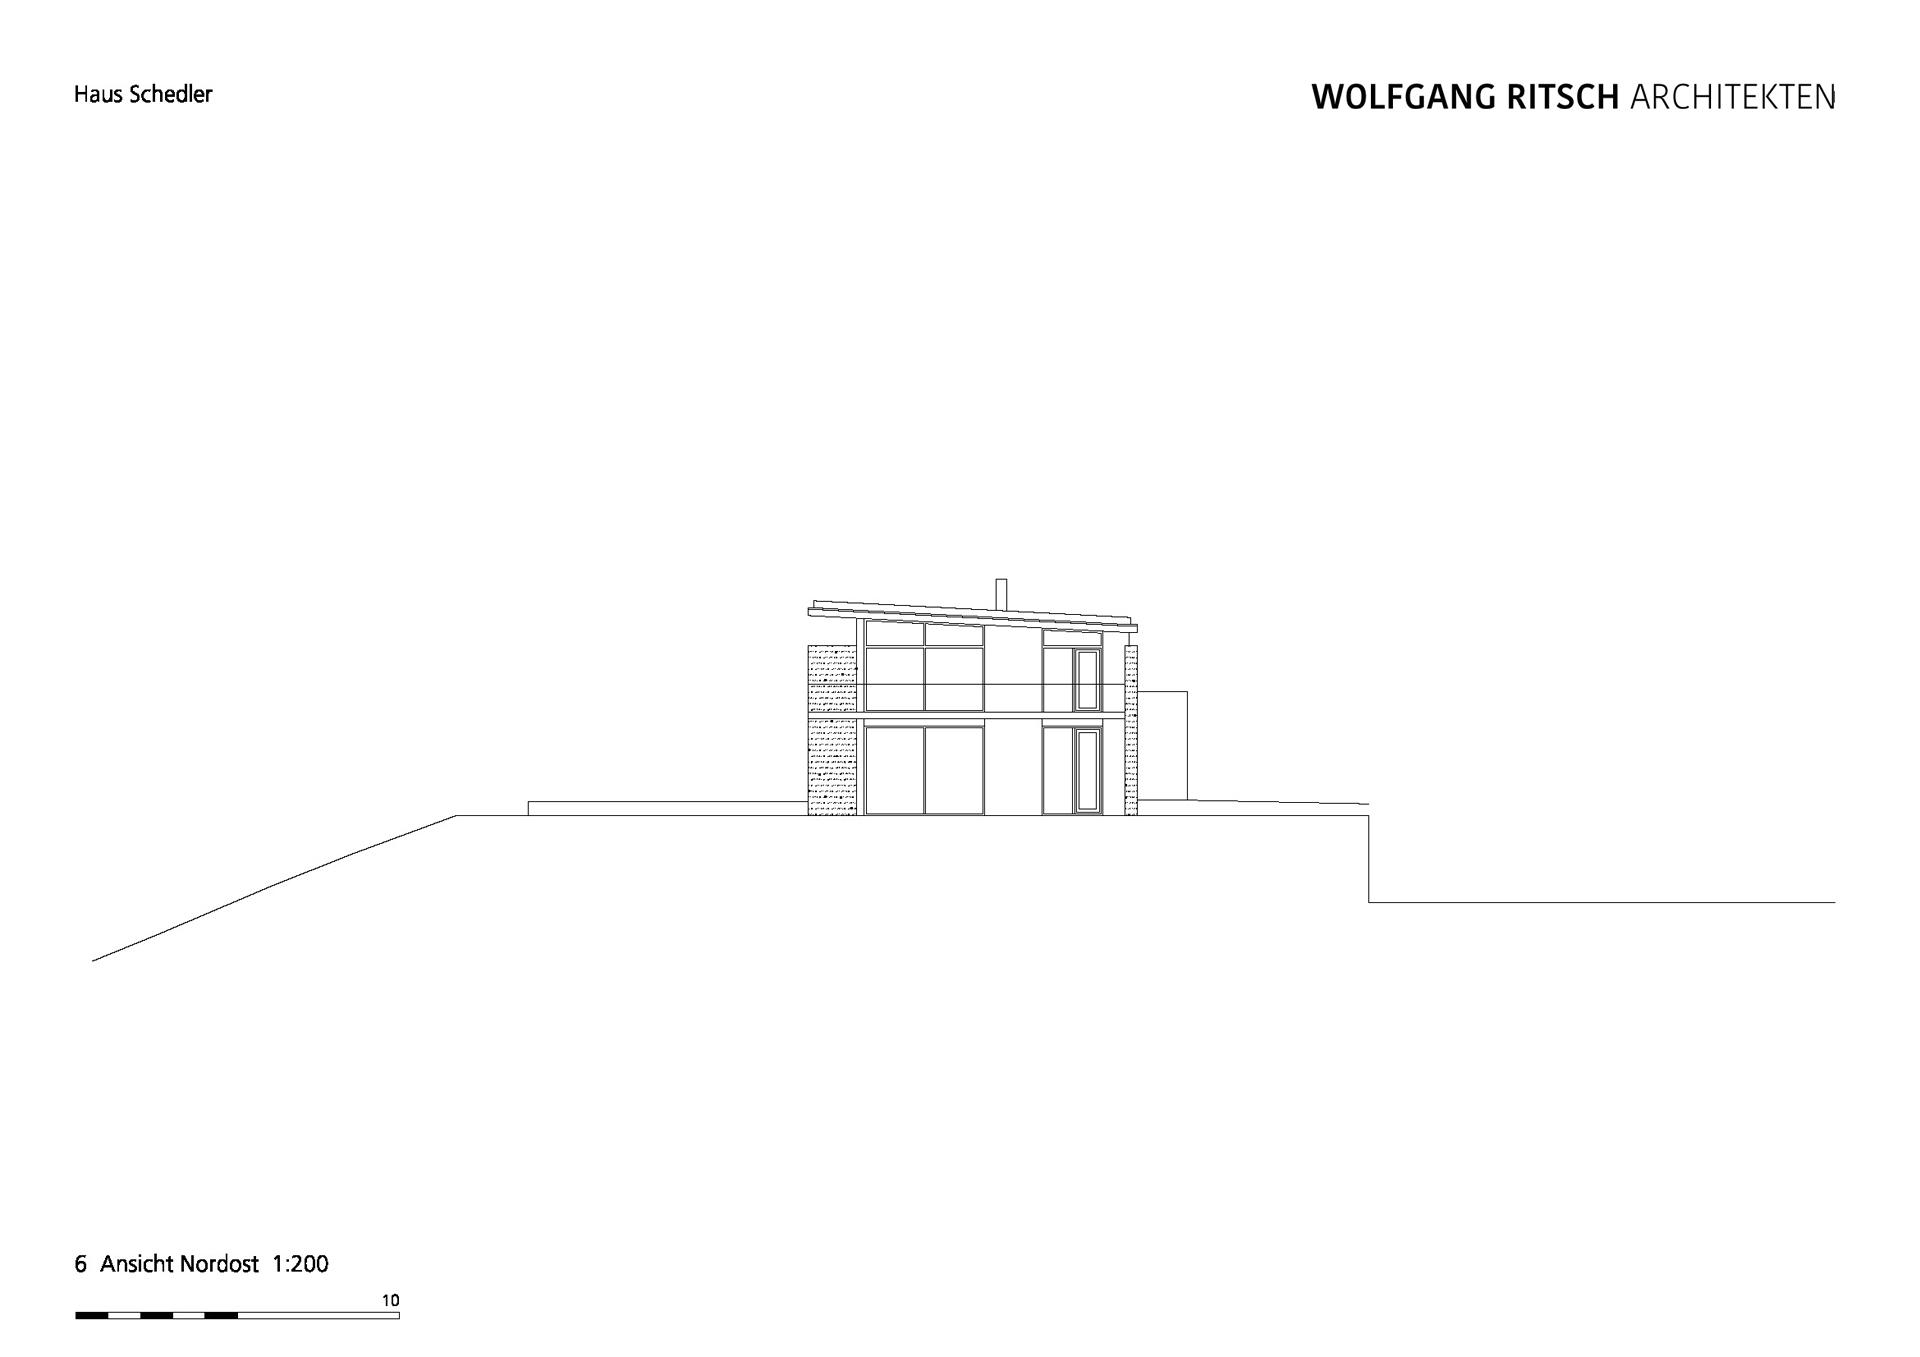 2500_EFH Haus Schedler_PLAN_920_Ansicht_NO 200 Kopie